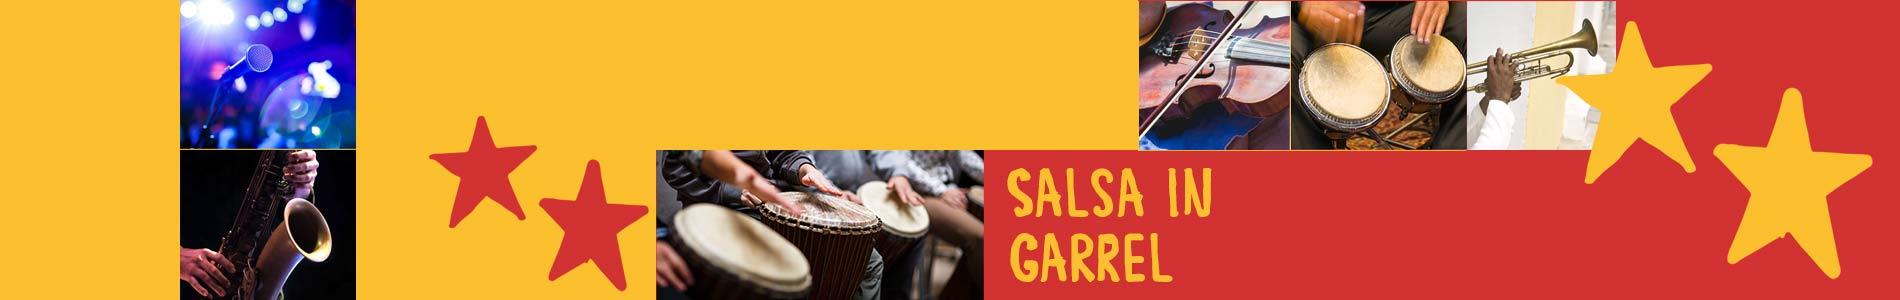 Salsa in Garrel – Salsa lernen und tanzen, Tanzkurse, Partys, Veranstaltungen